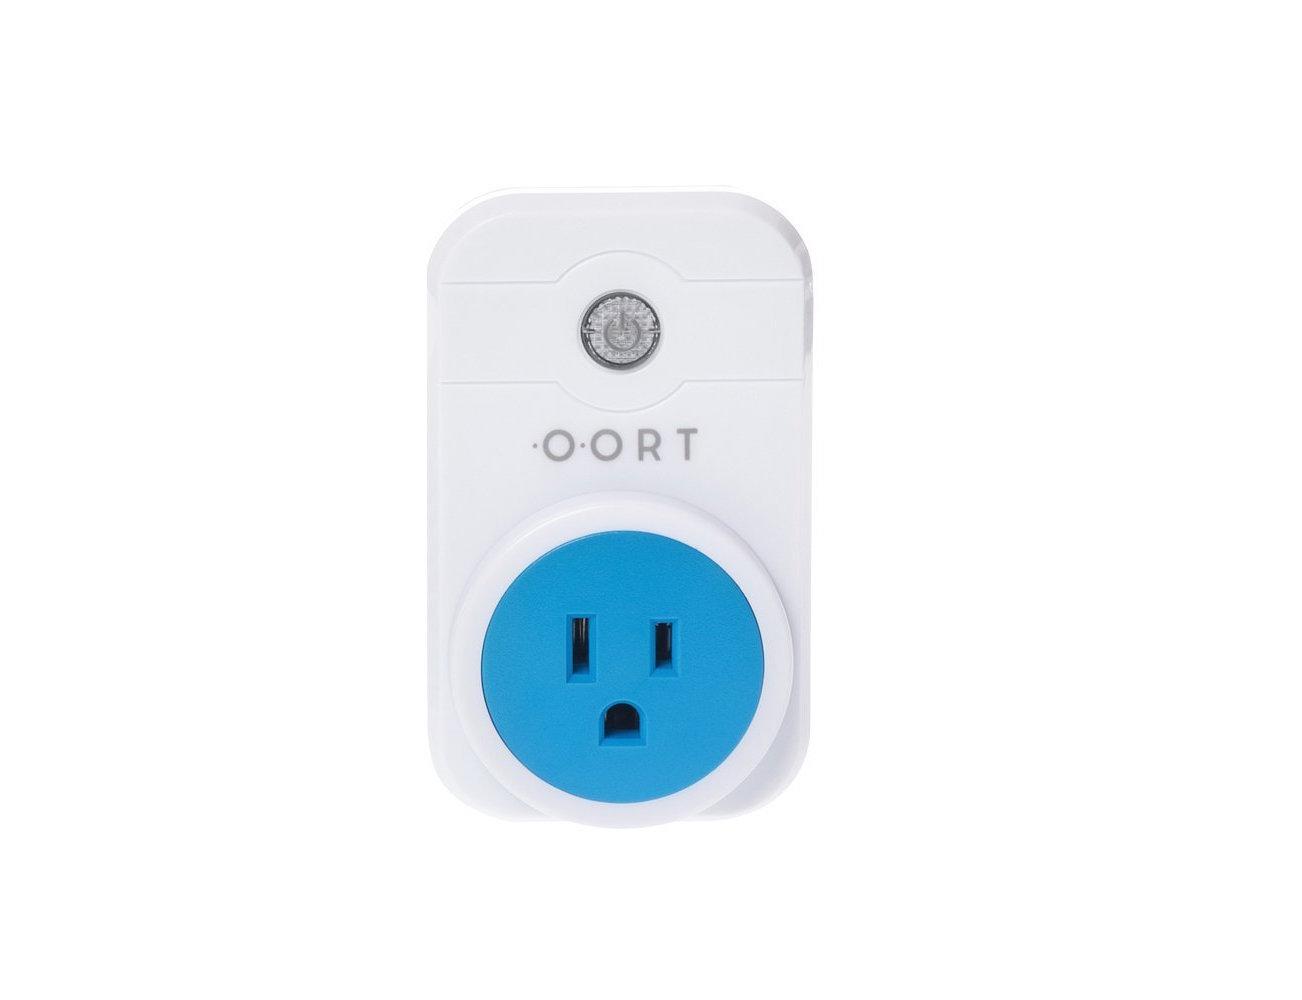 oort-smartsocket-energy-meter-05